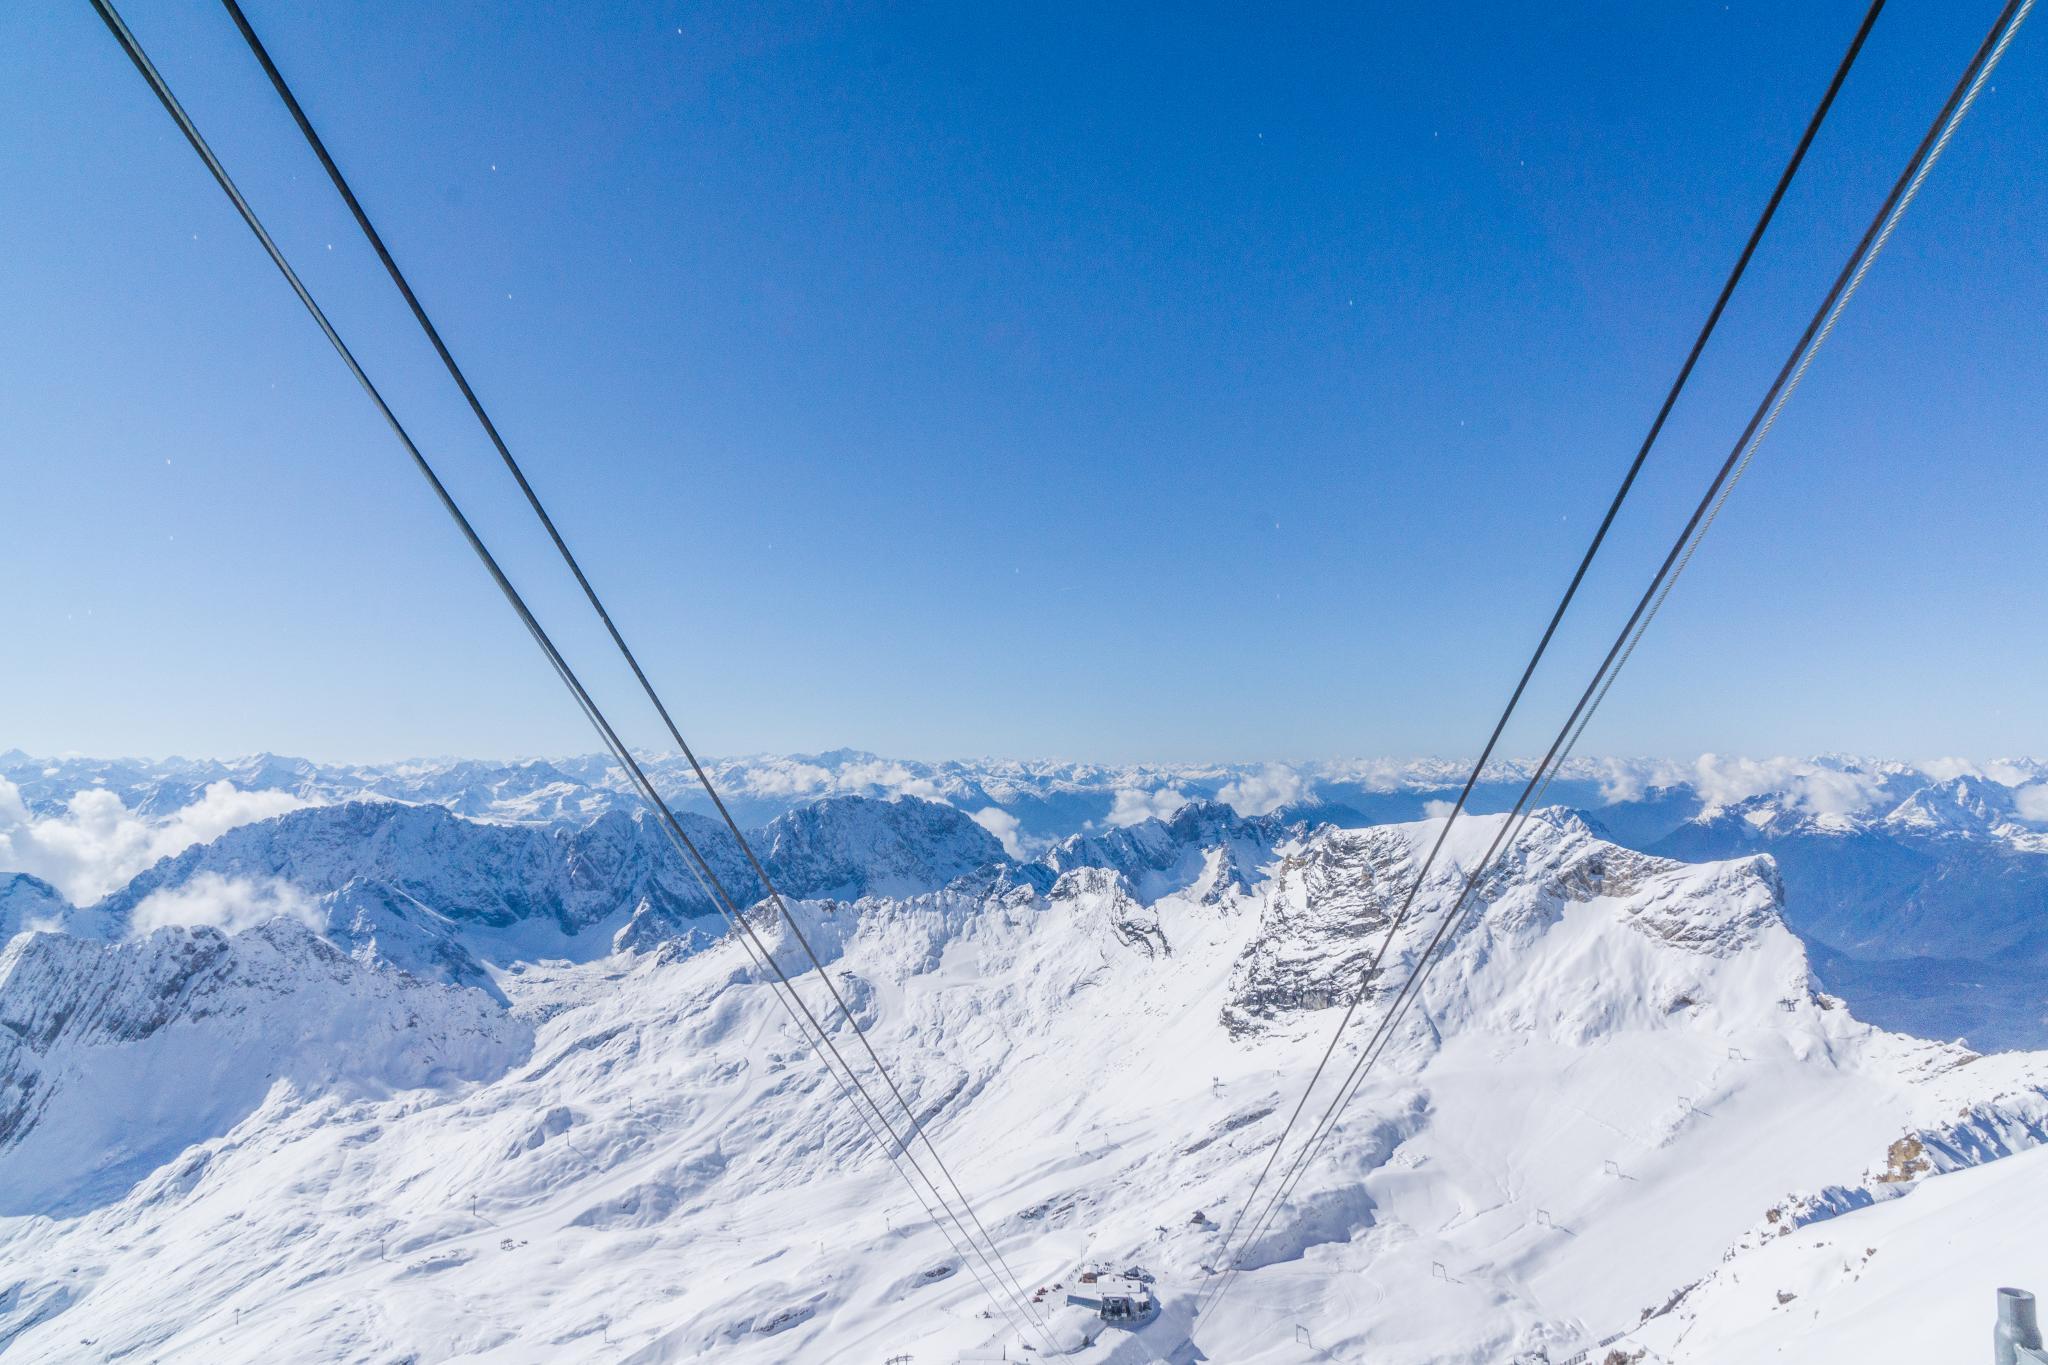 【德國】阿爾卑斯大道:楚格峰 (Zugspitze) 登上德國之巔 39